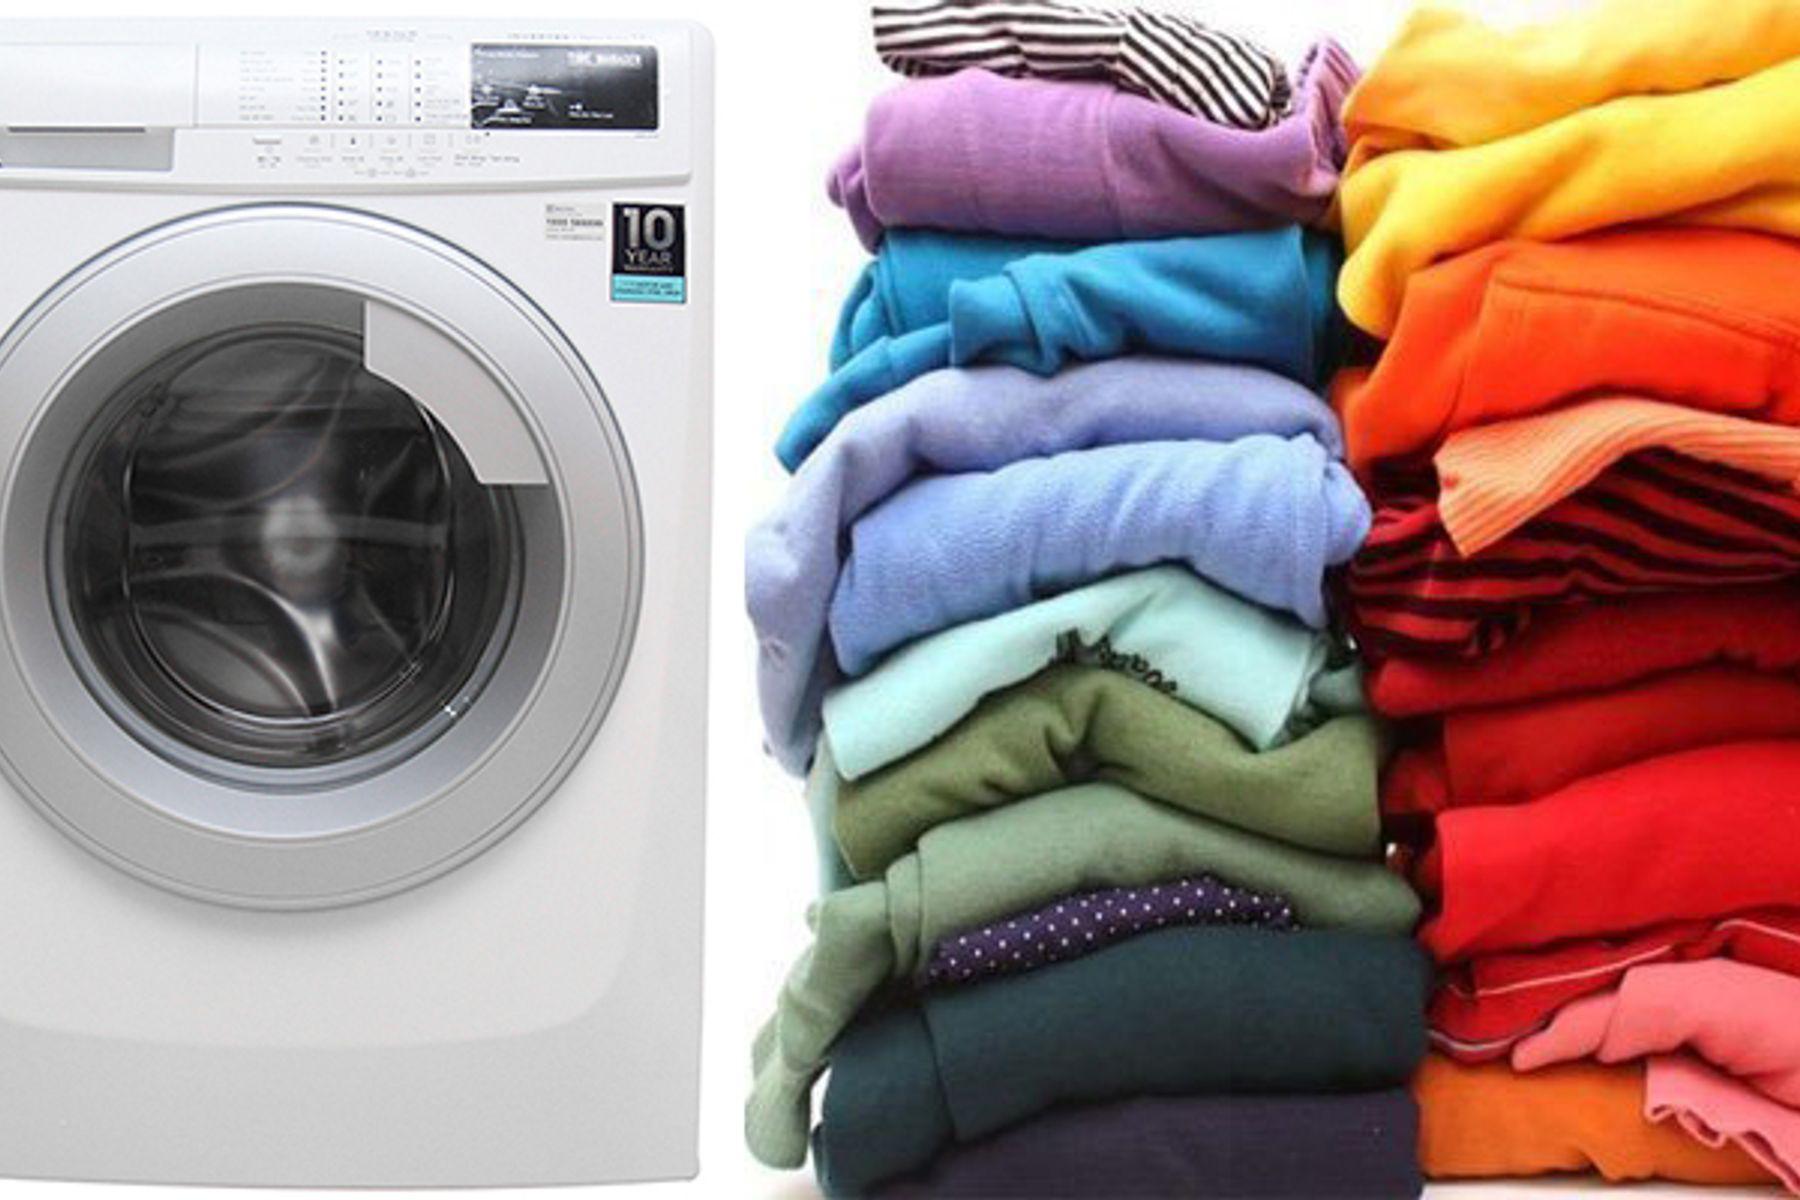 Bí quyết giúp áo quần sạch thơm ngày tết